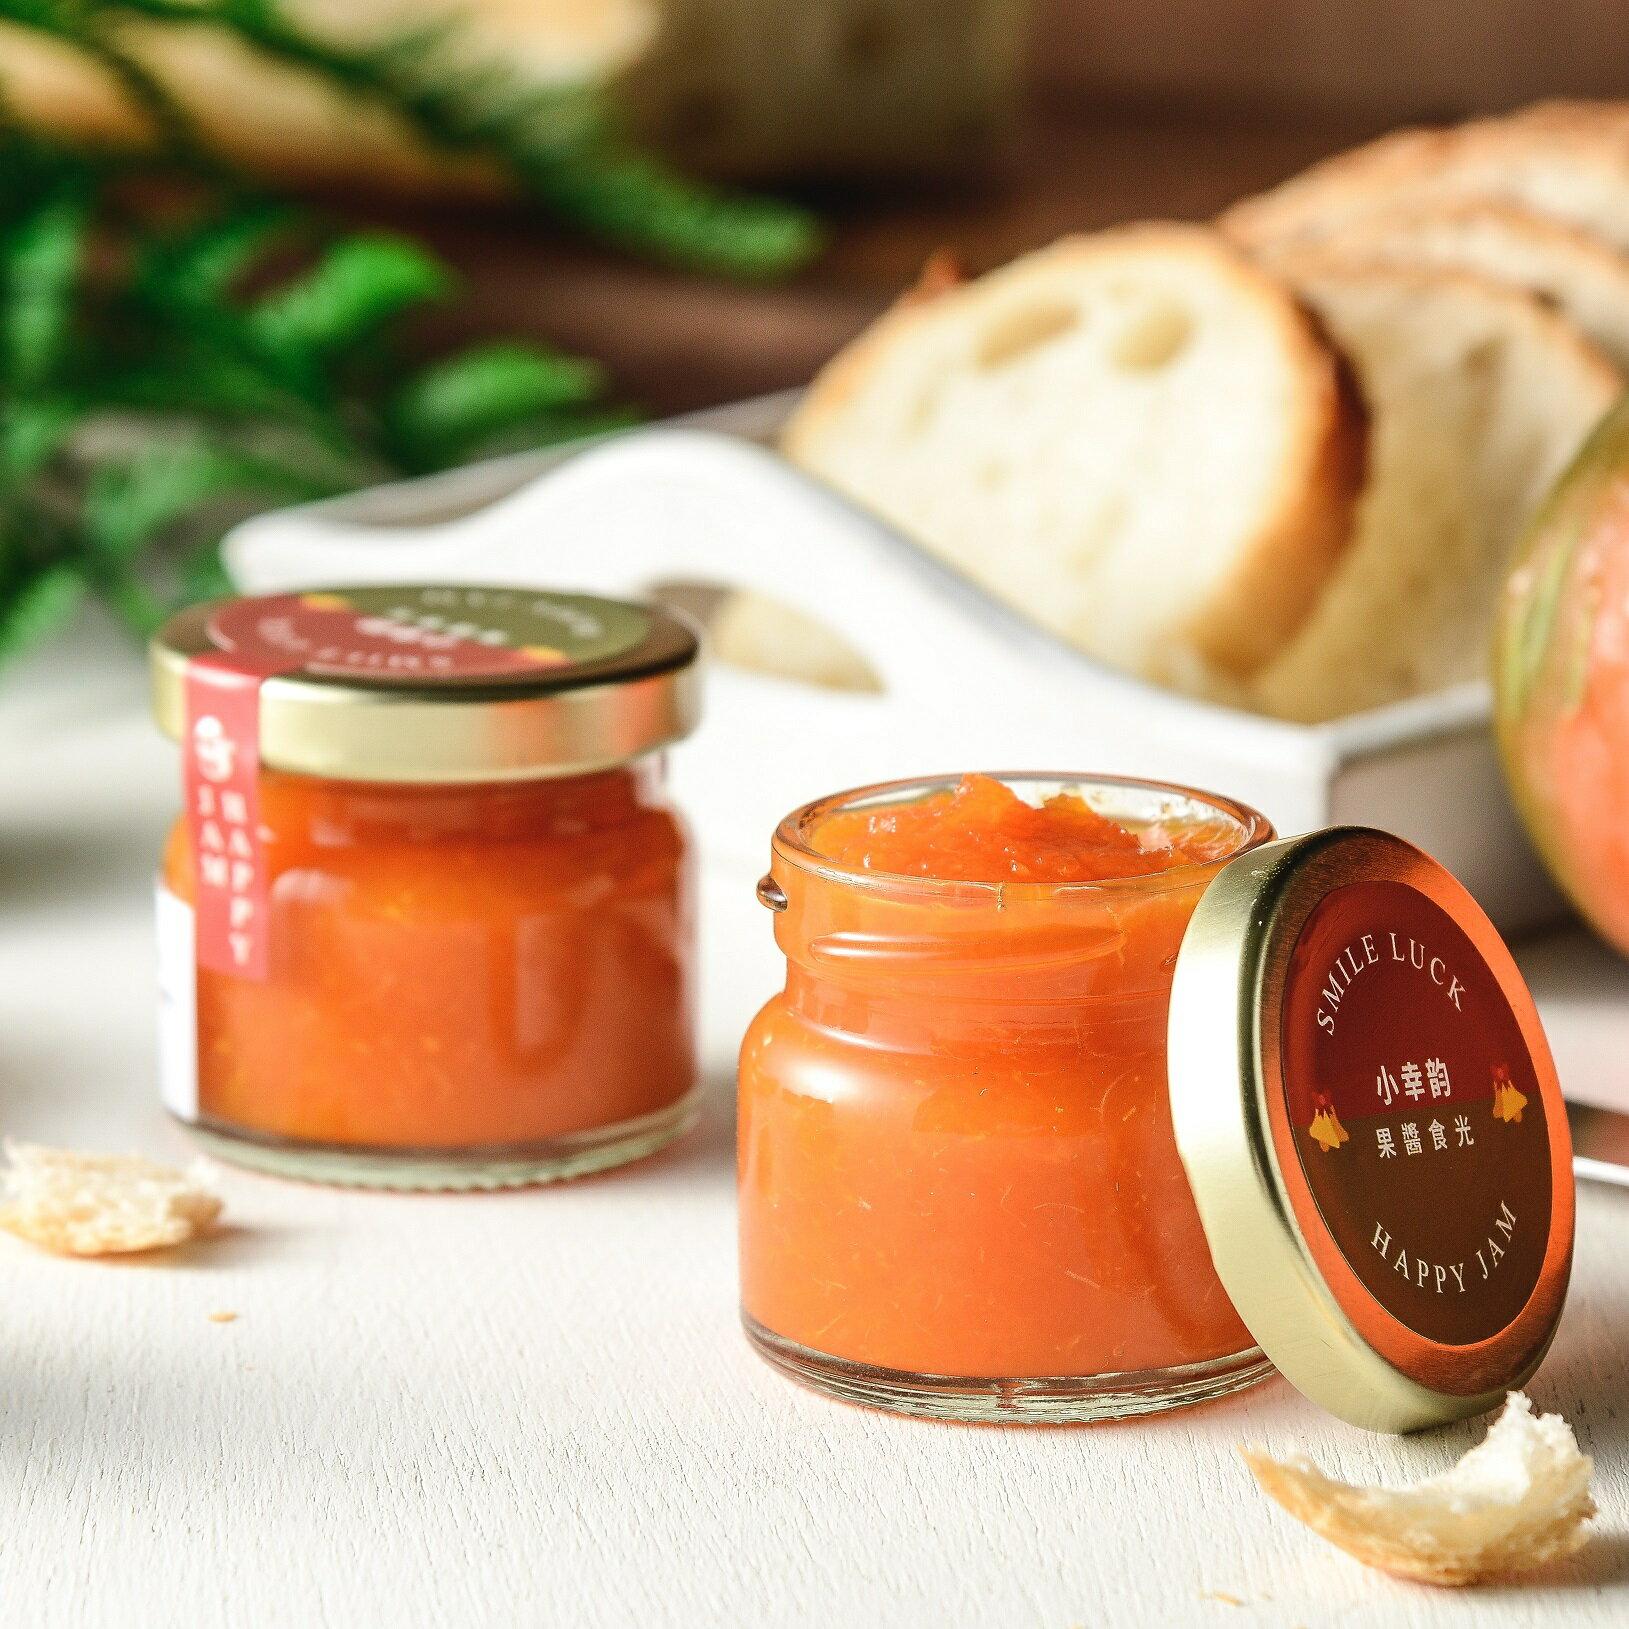 暖暖香橙為兔子加菜 / 香橙胡蘿蔔 / 蔬果醬 (45ml /225ml)當季小農蔬果~ 新鮮食材製作 熬煮成鮮果果醬 【小幸?果醬食光】